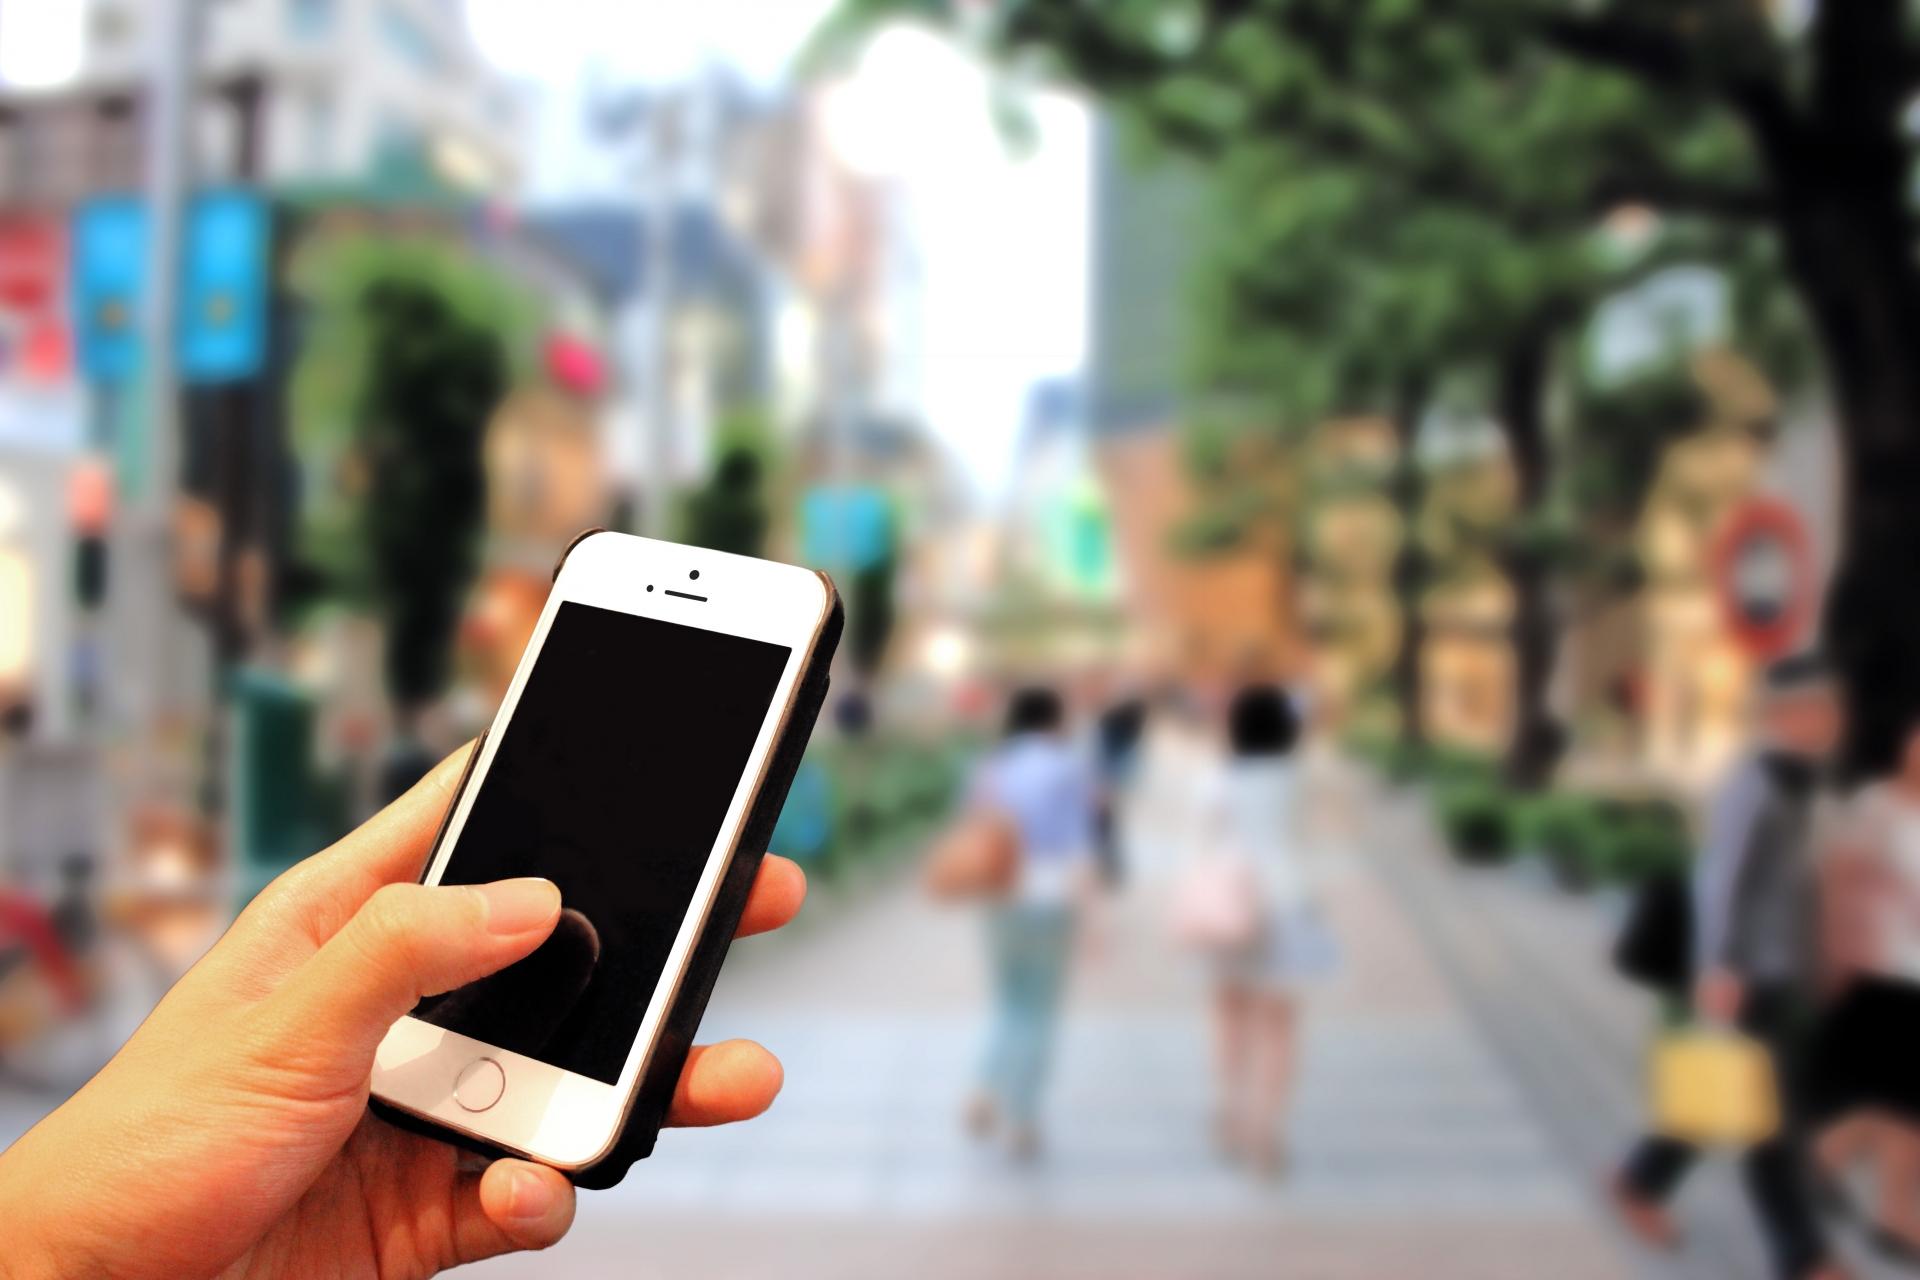 撮影した写真をブログに載せるメリット、おすすめカメラアプリ紹介!